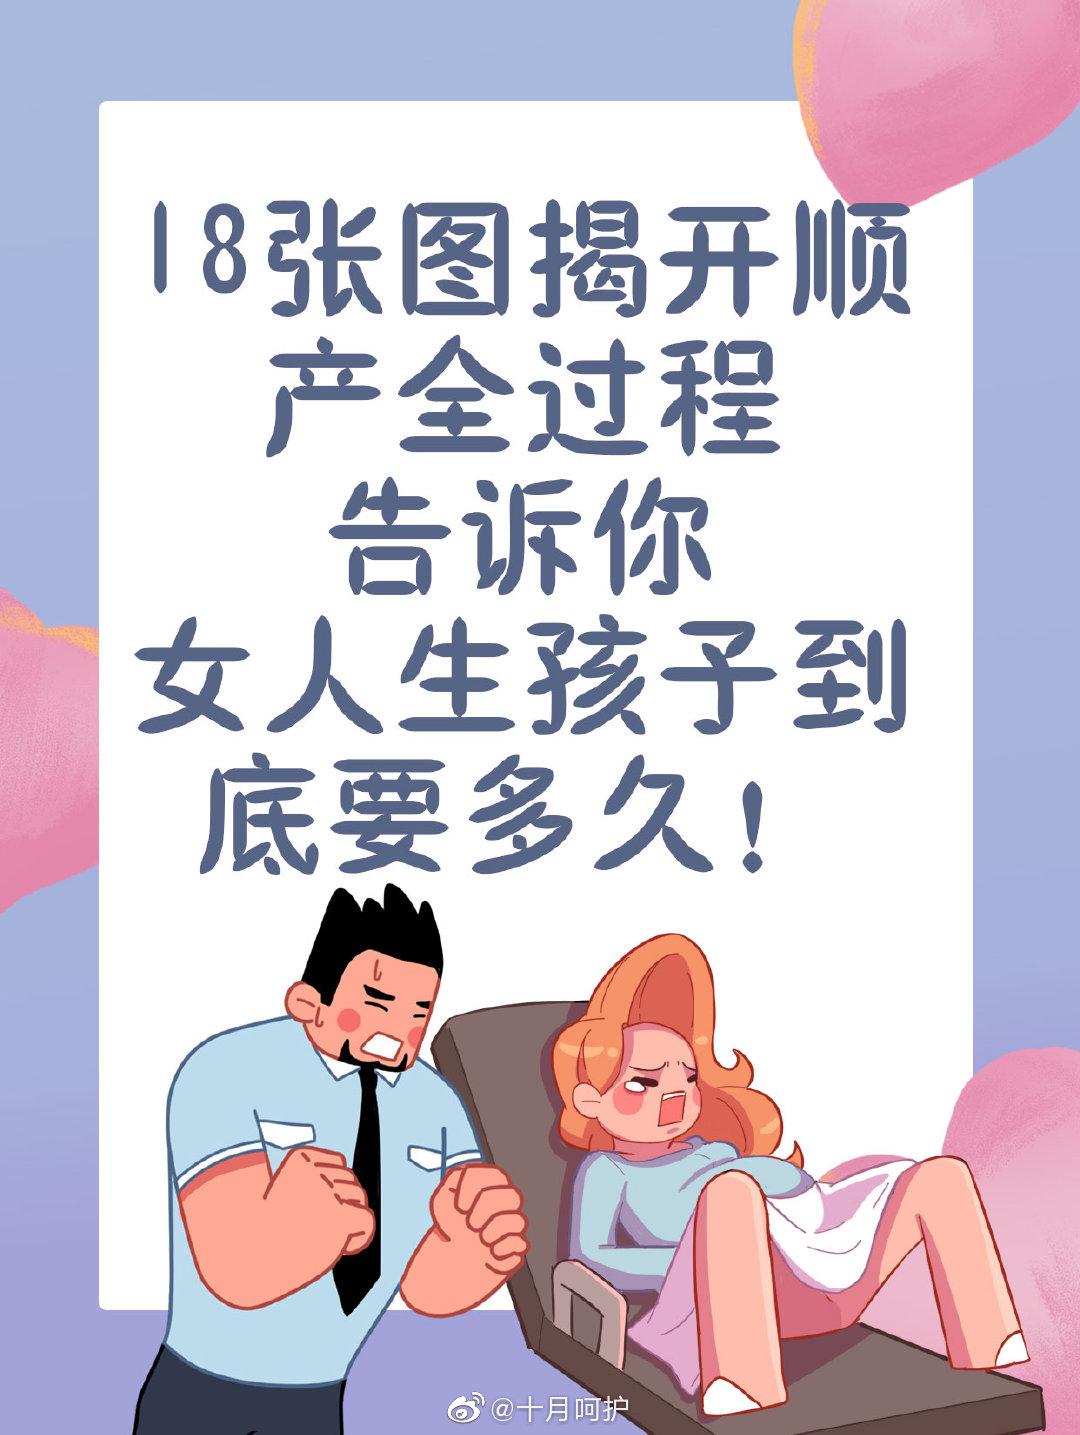 孕后期锻炼顺产_这18张图揭开孕妈顺产的全过程,告诉大家女人生孩子到底需要多久